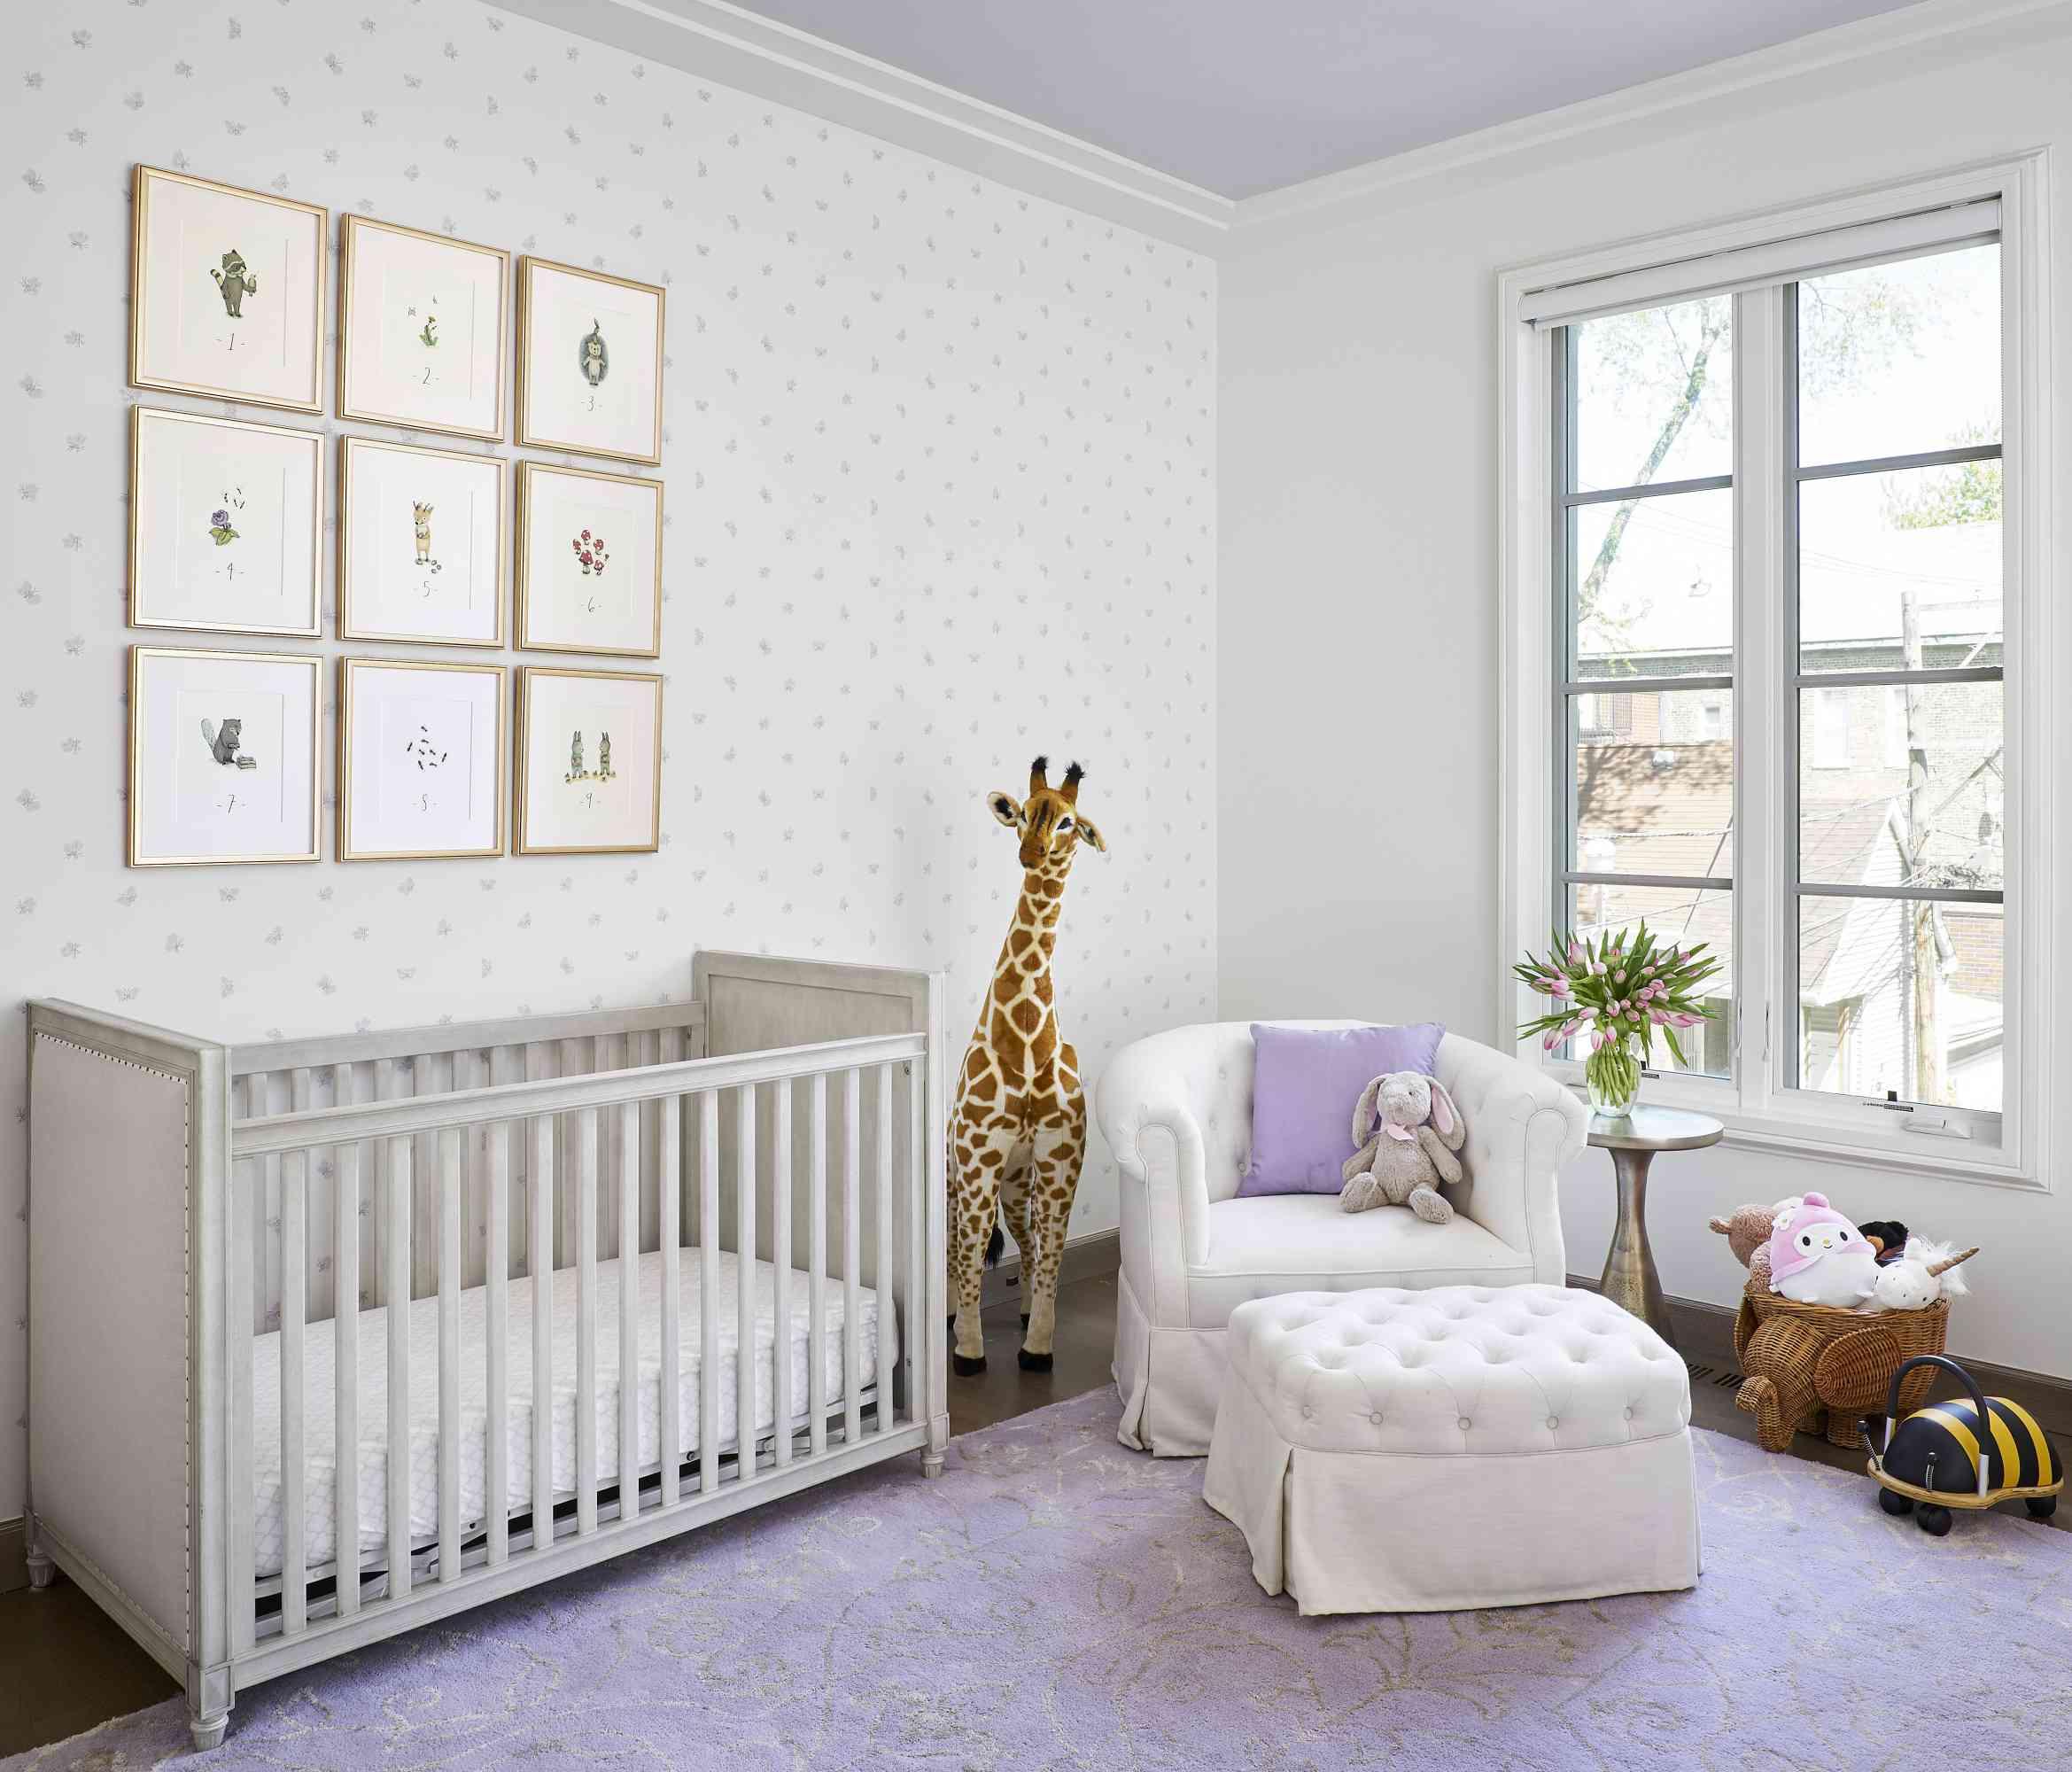 nursery with minimalist aesthetic